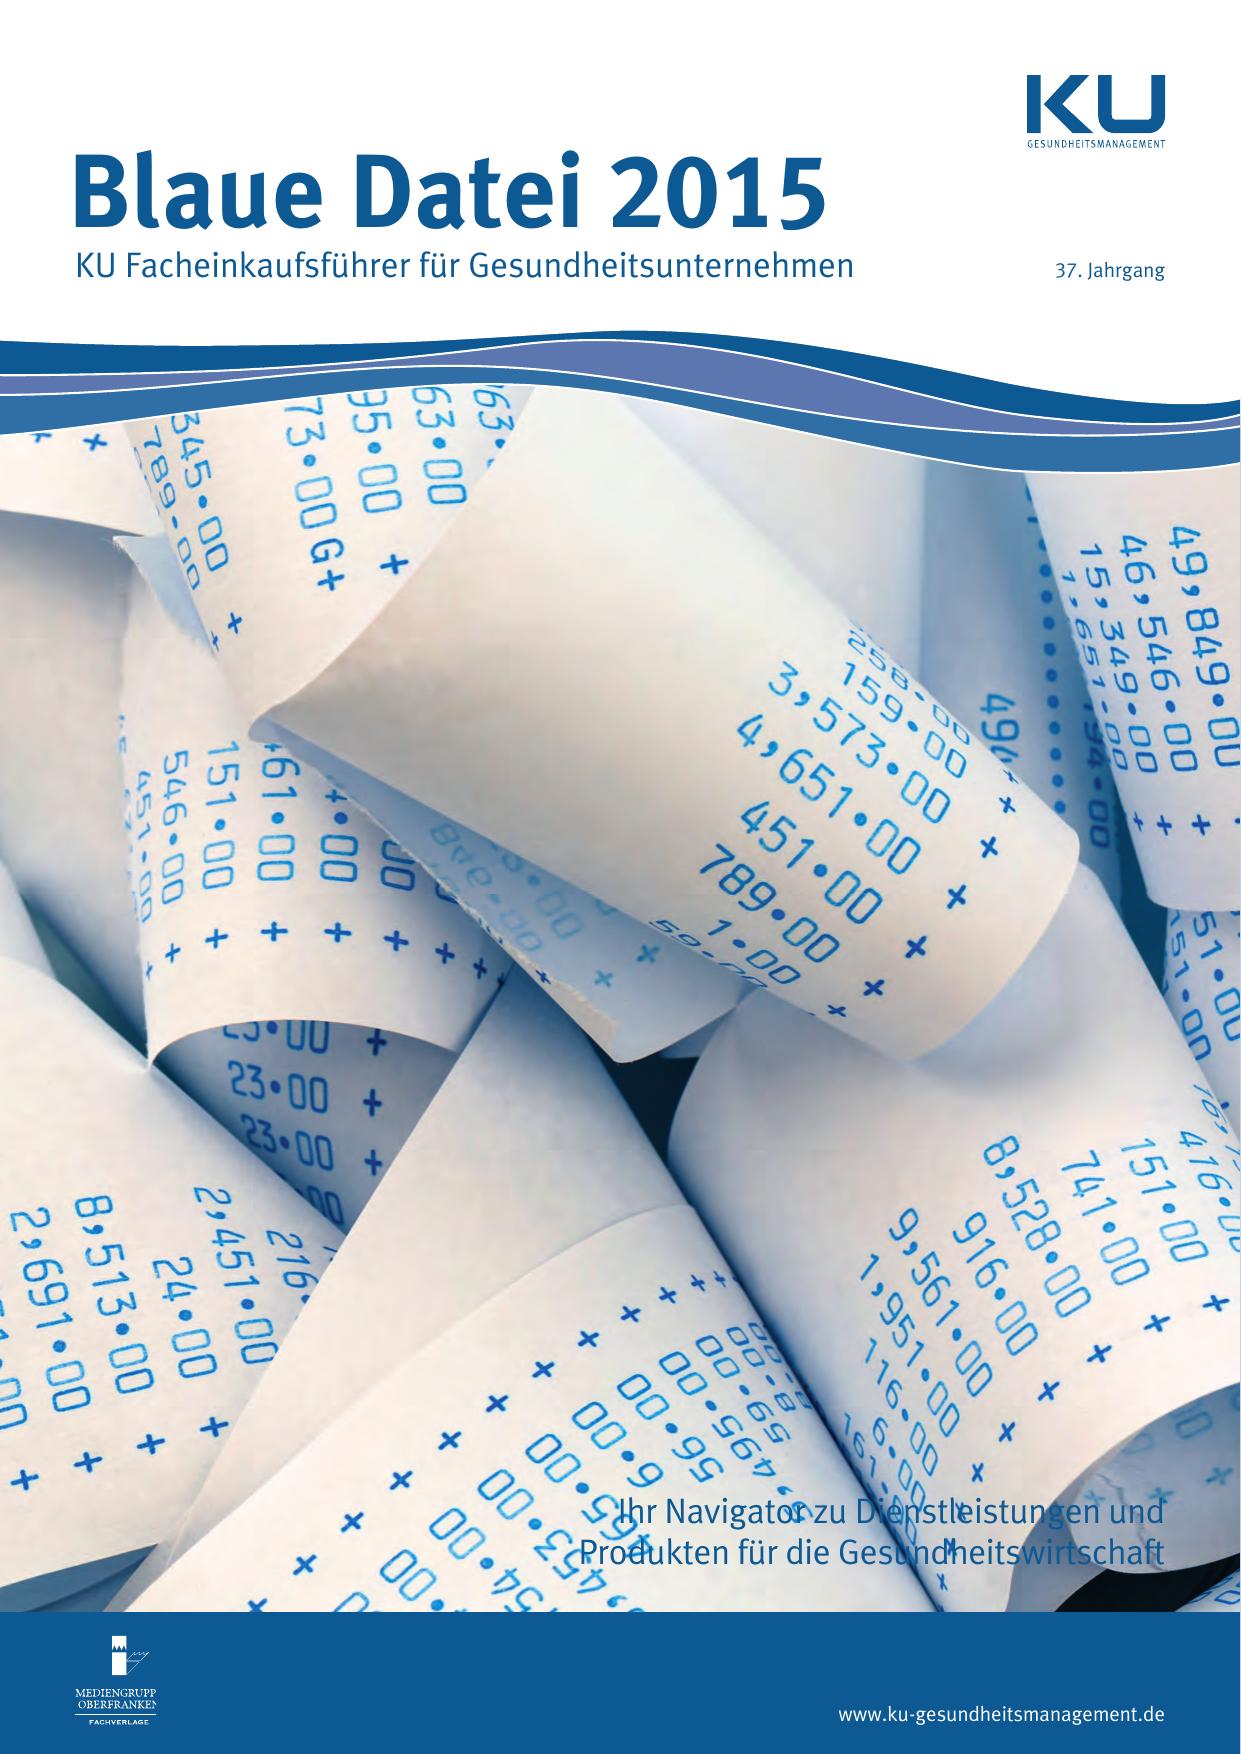 Blaue Datei 2015 - KU Gesundheitsmanagement | manualzz.com